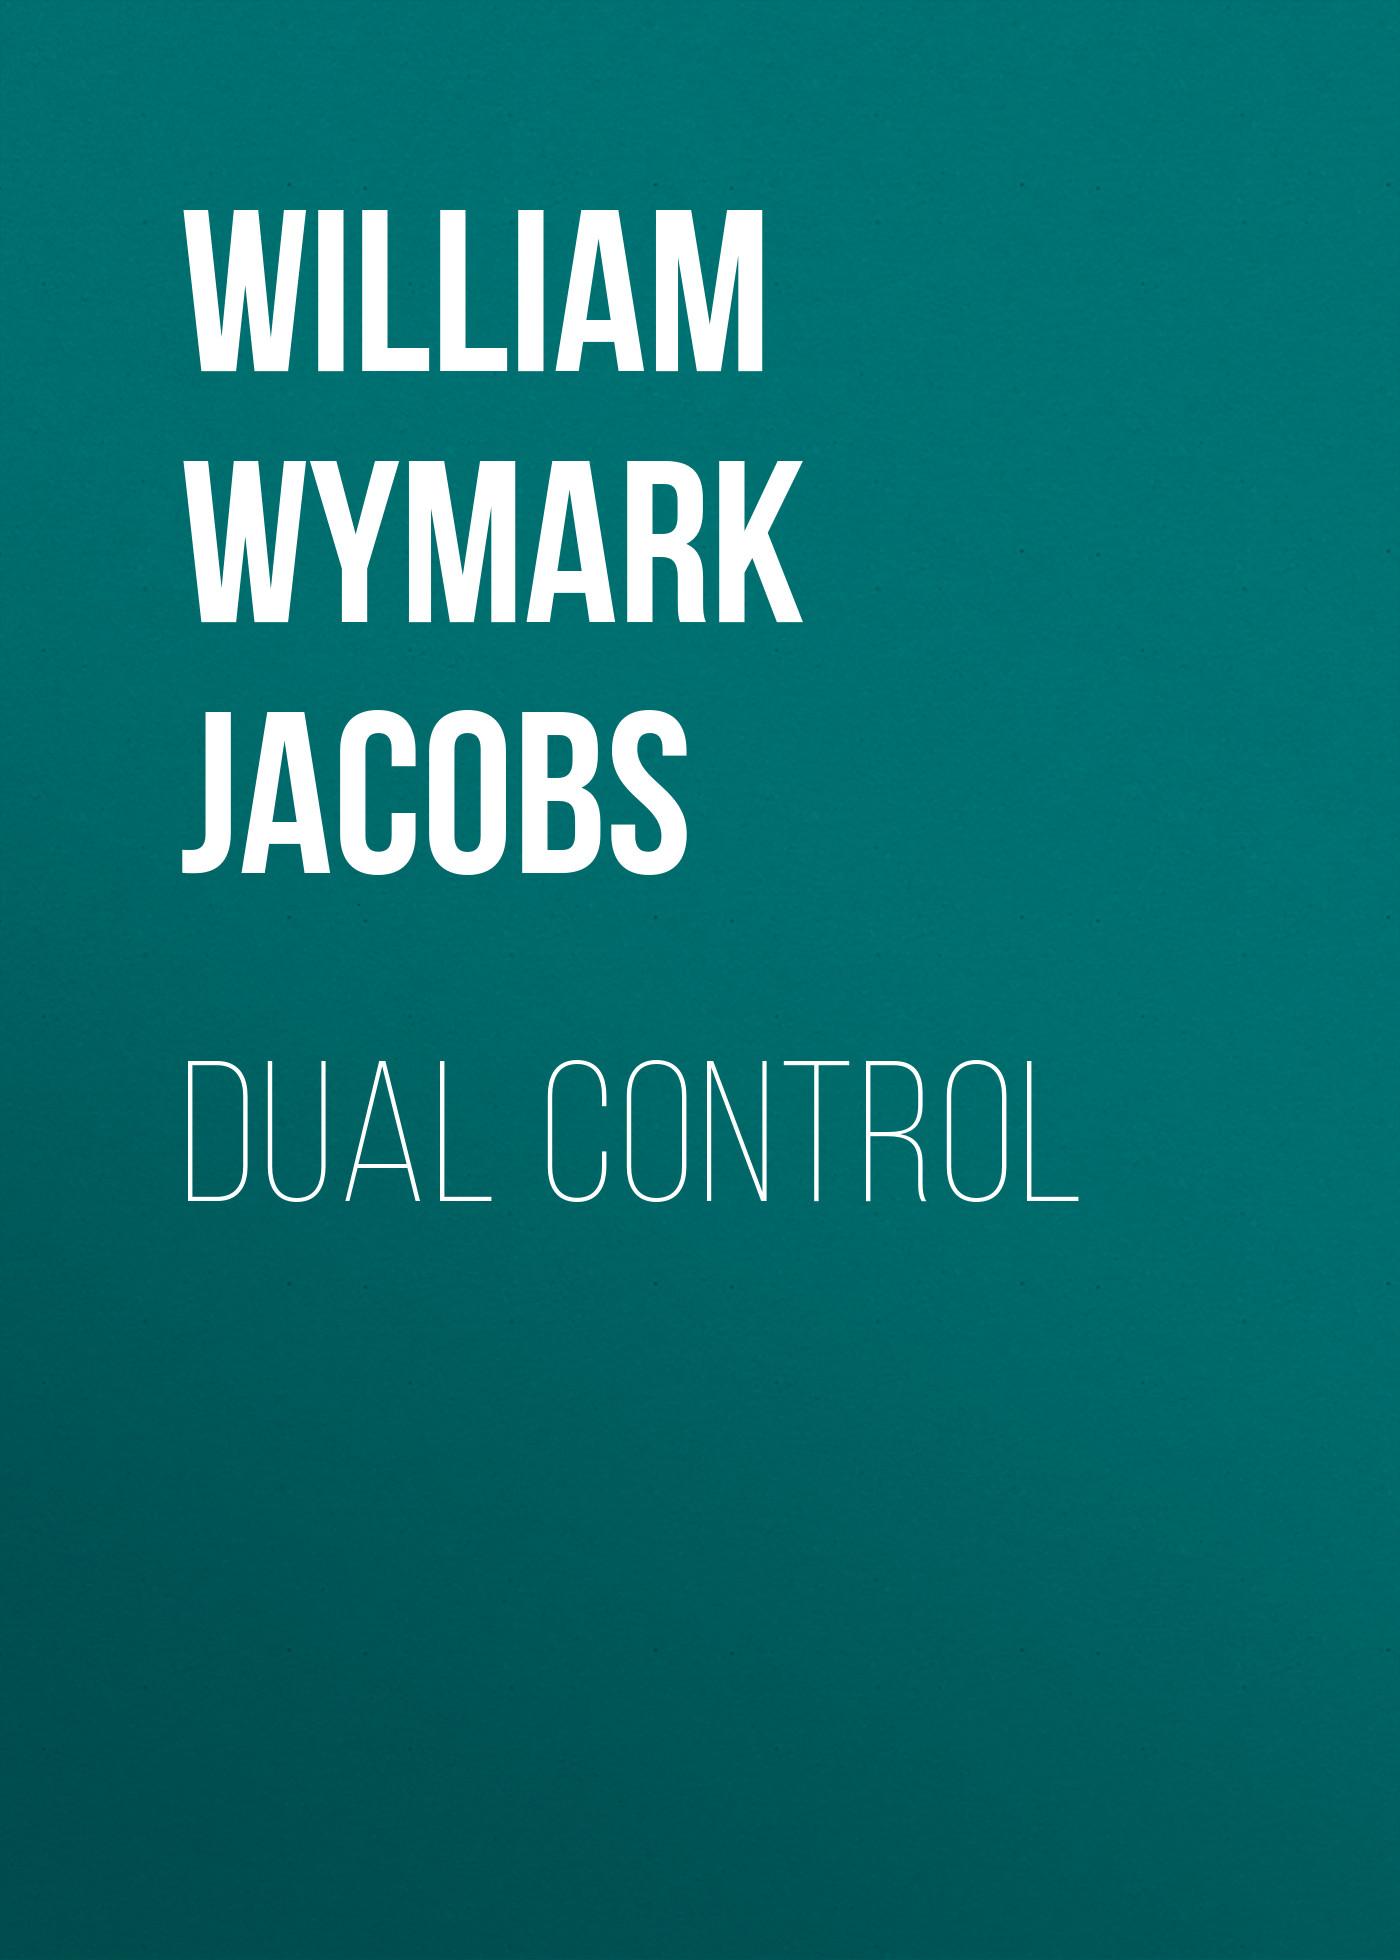 William Wymark Jacobs Dual Control